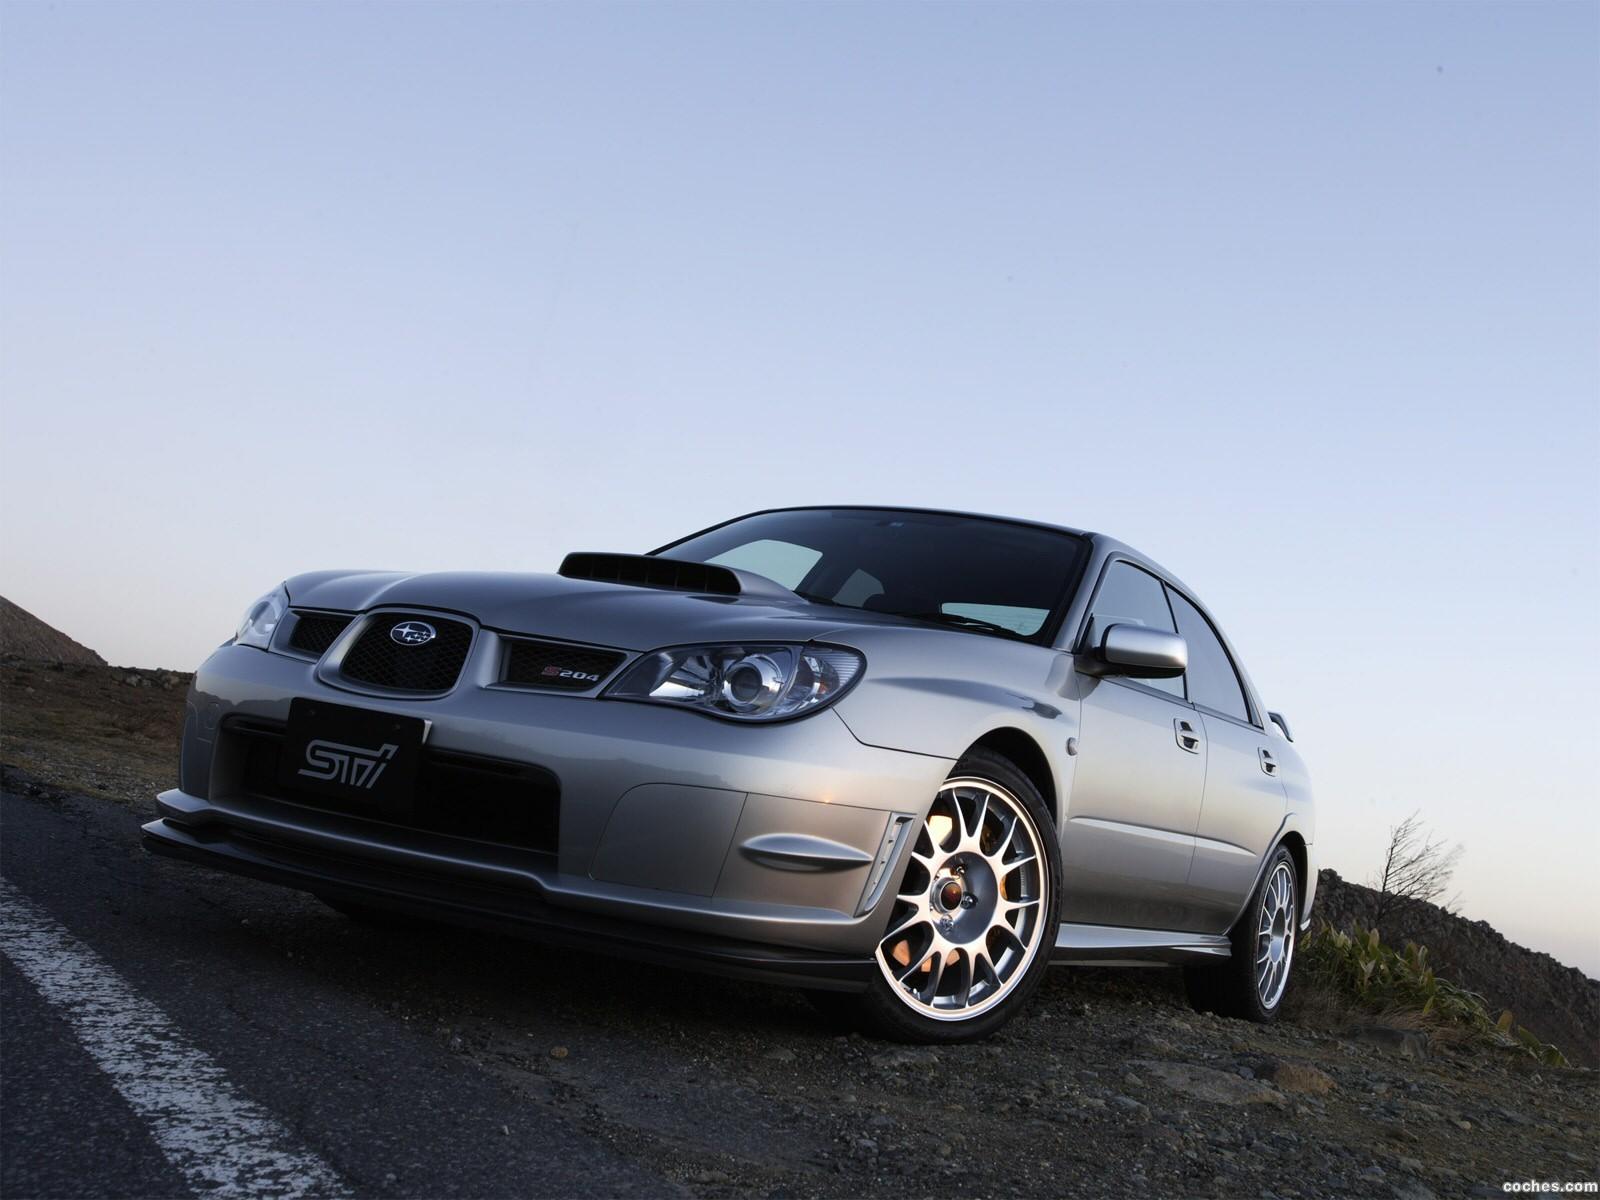 Foto 0 de Subaru Impreza STi S204 2006